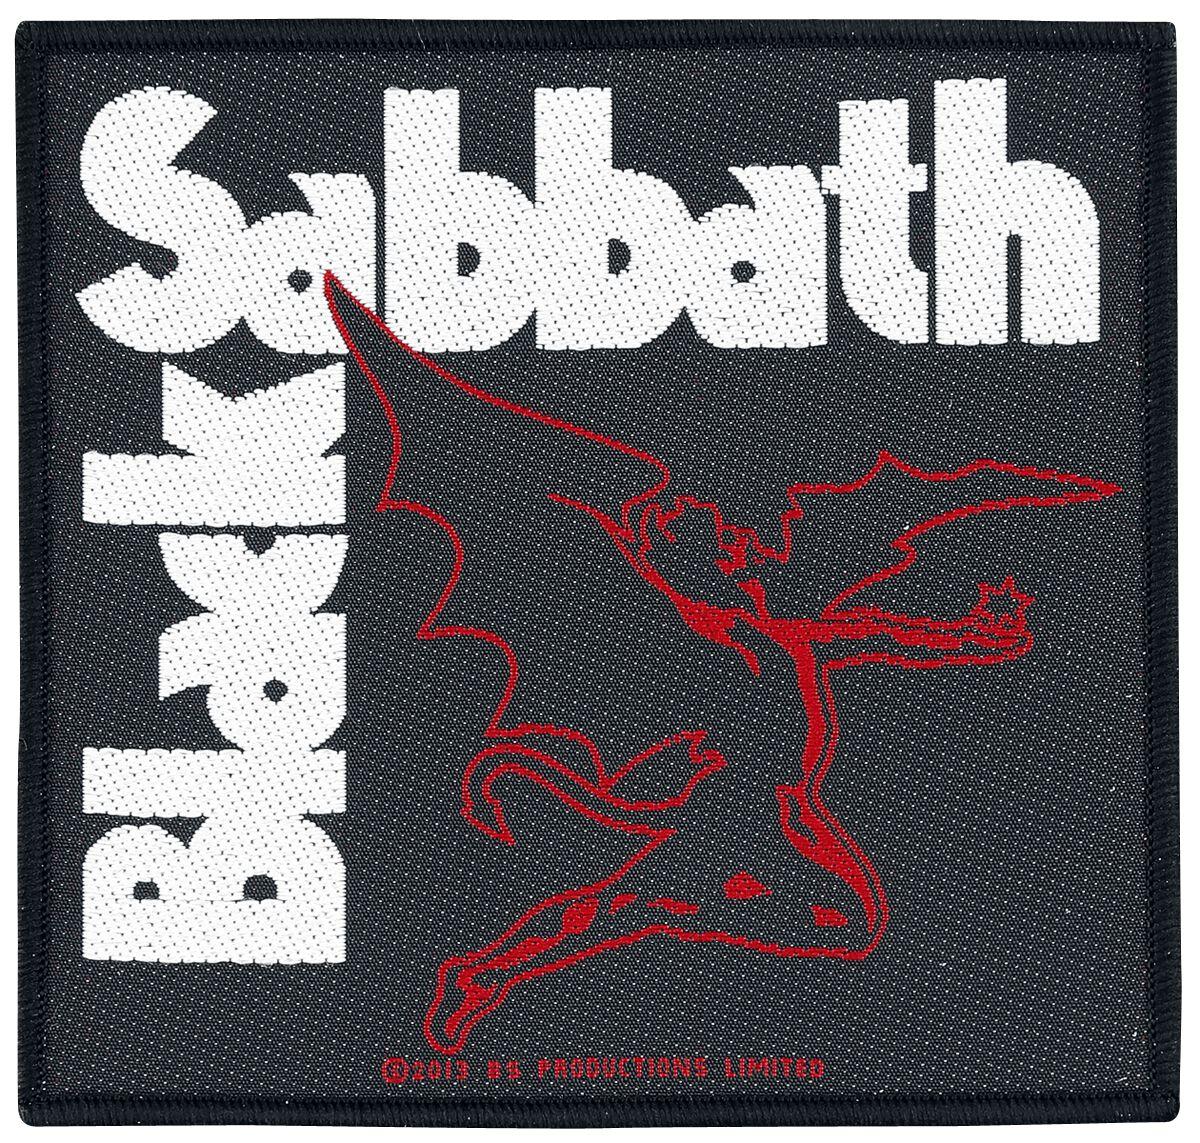 Black Sabbath Creature  Patch  schwarz/weiß/rot